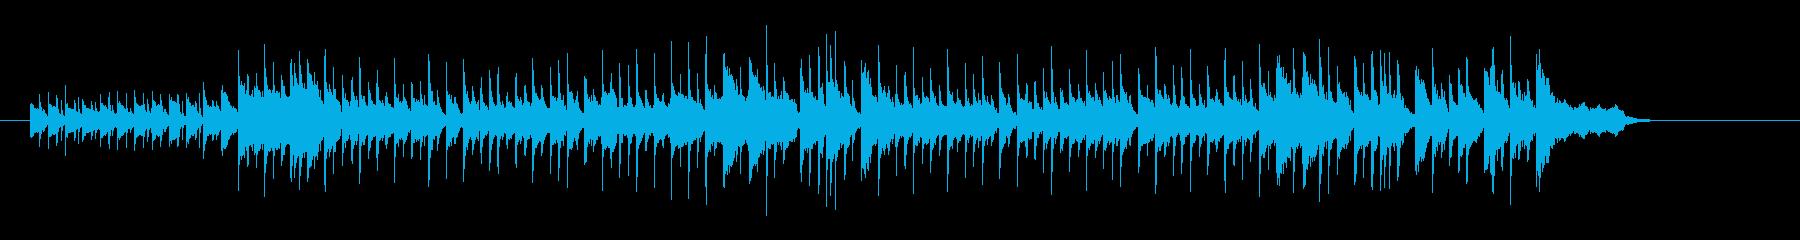 タイトなニュー・ミュージック風の再生済みの波形